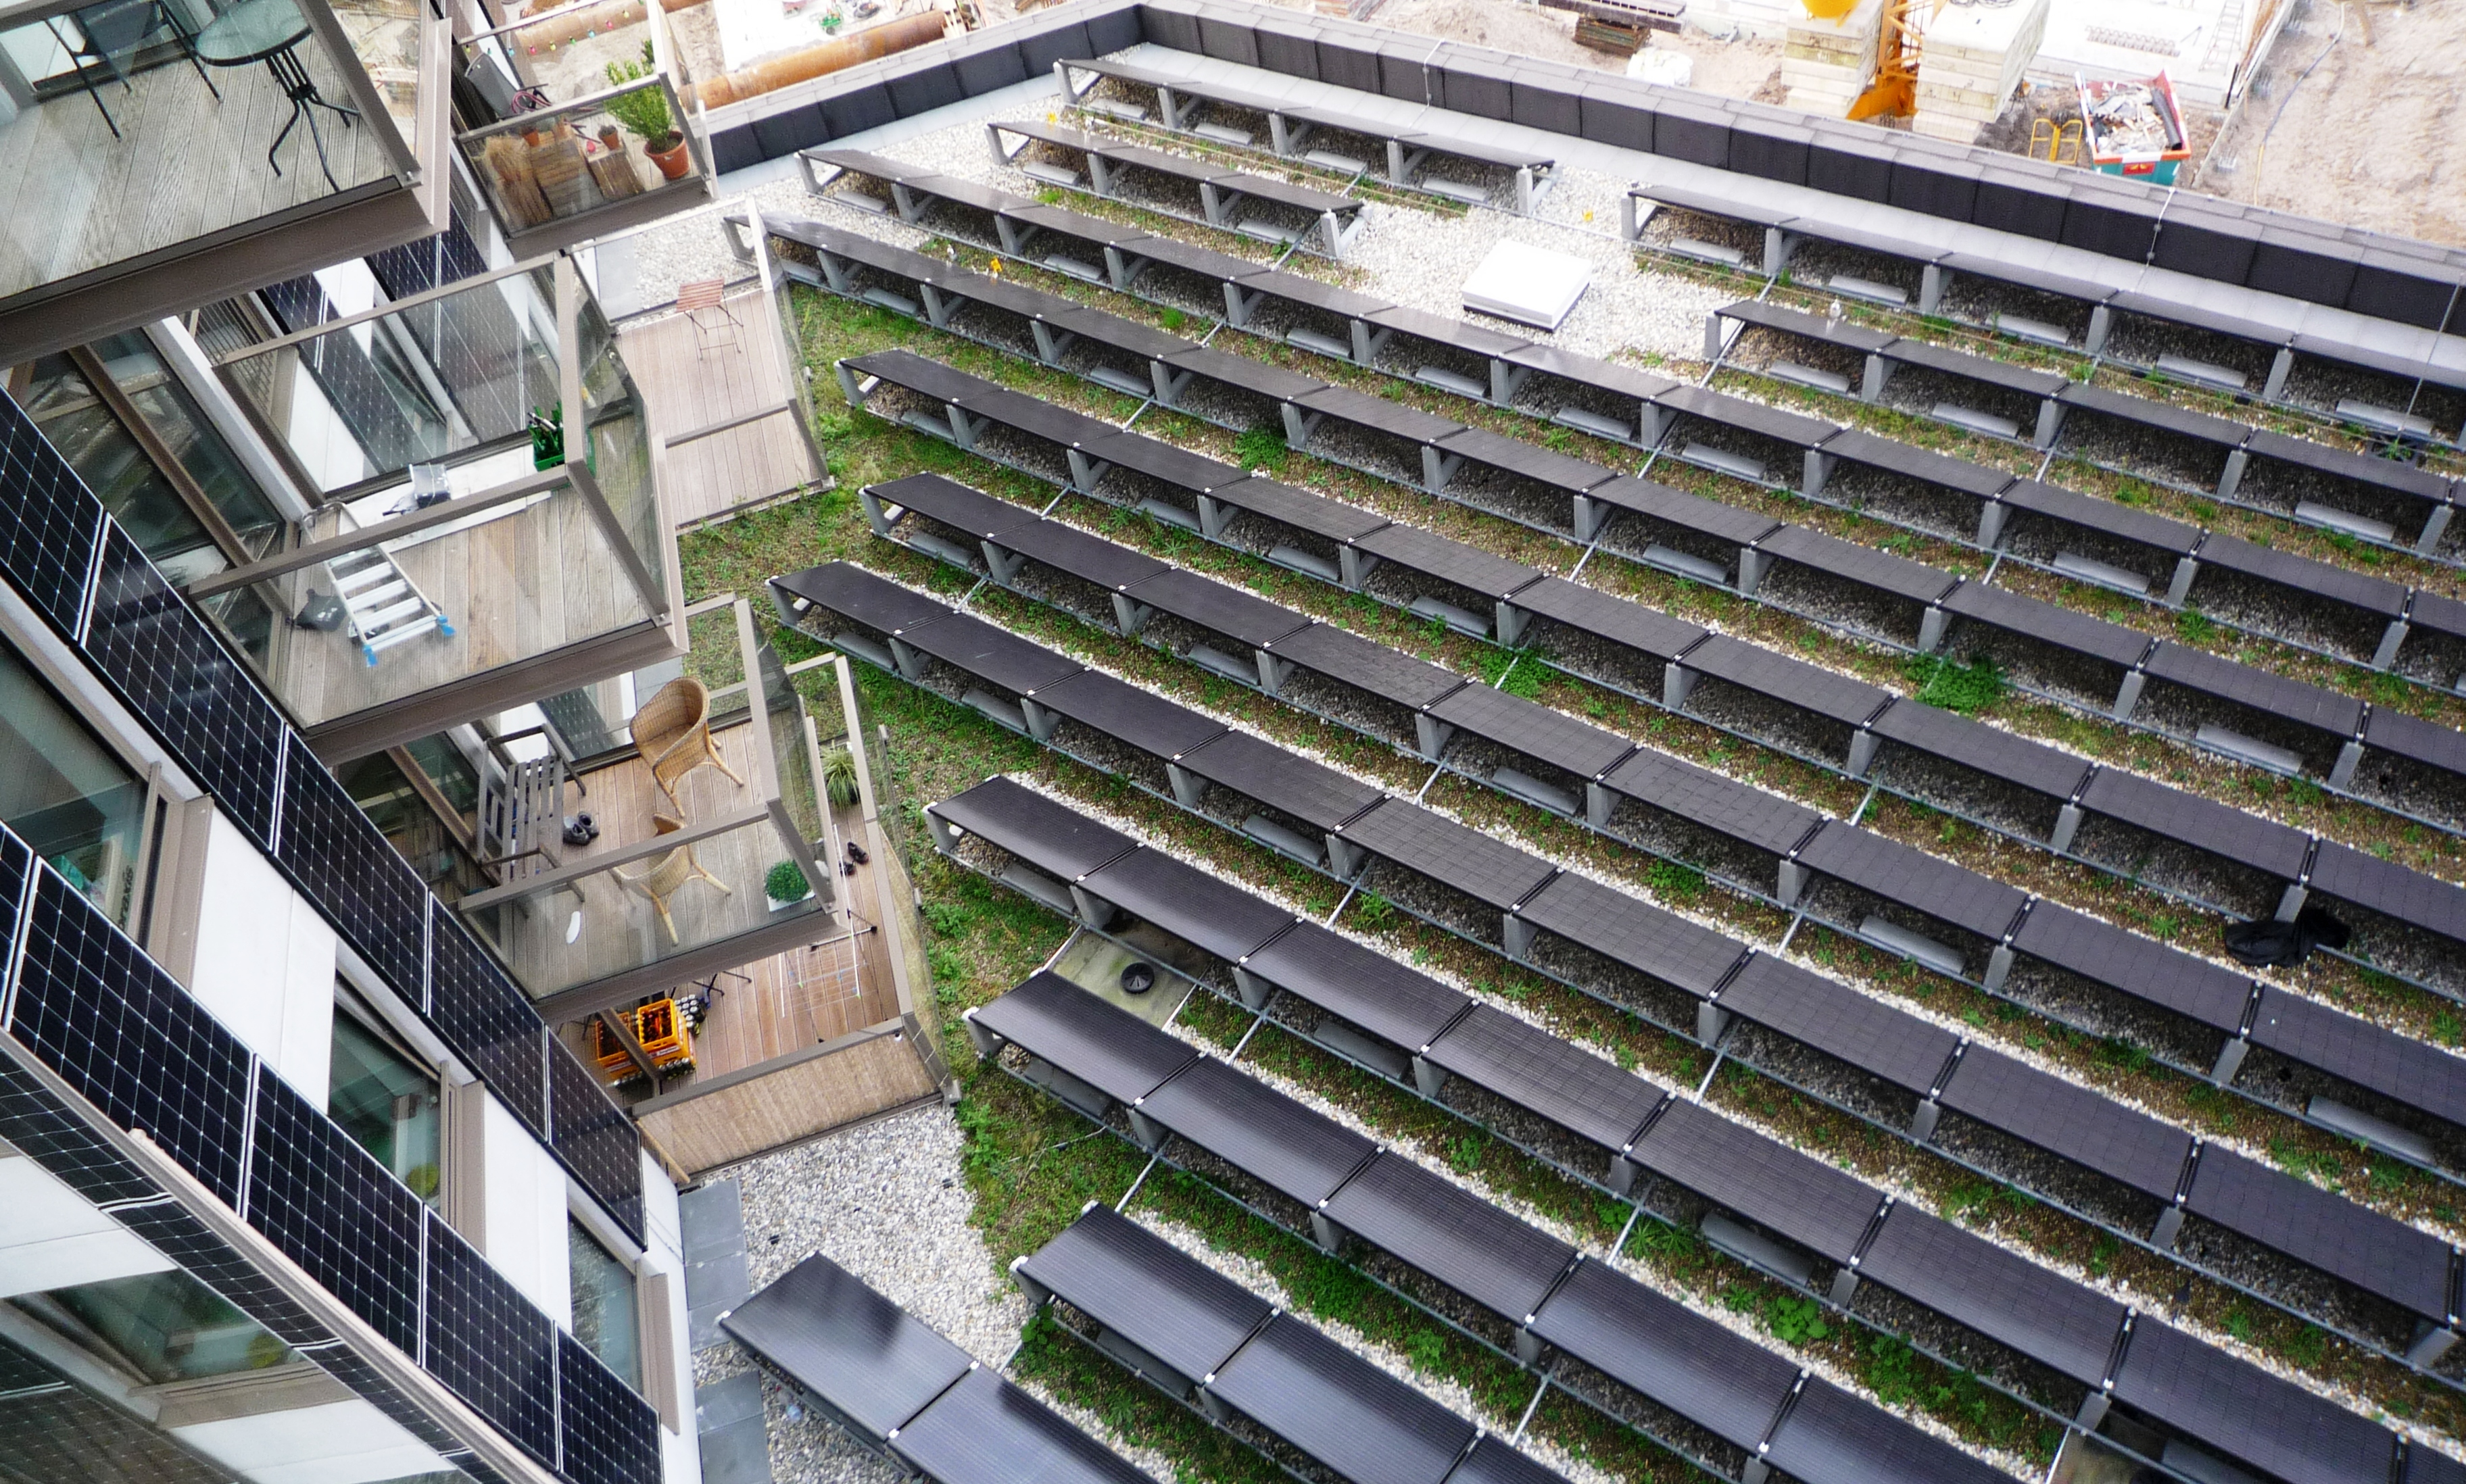 Dakruimte met PV panelen 73 meter hoge gevel